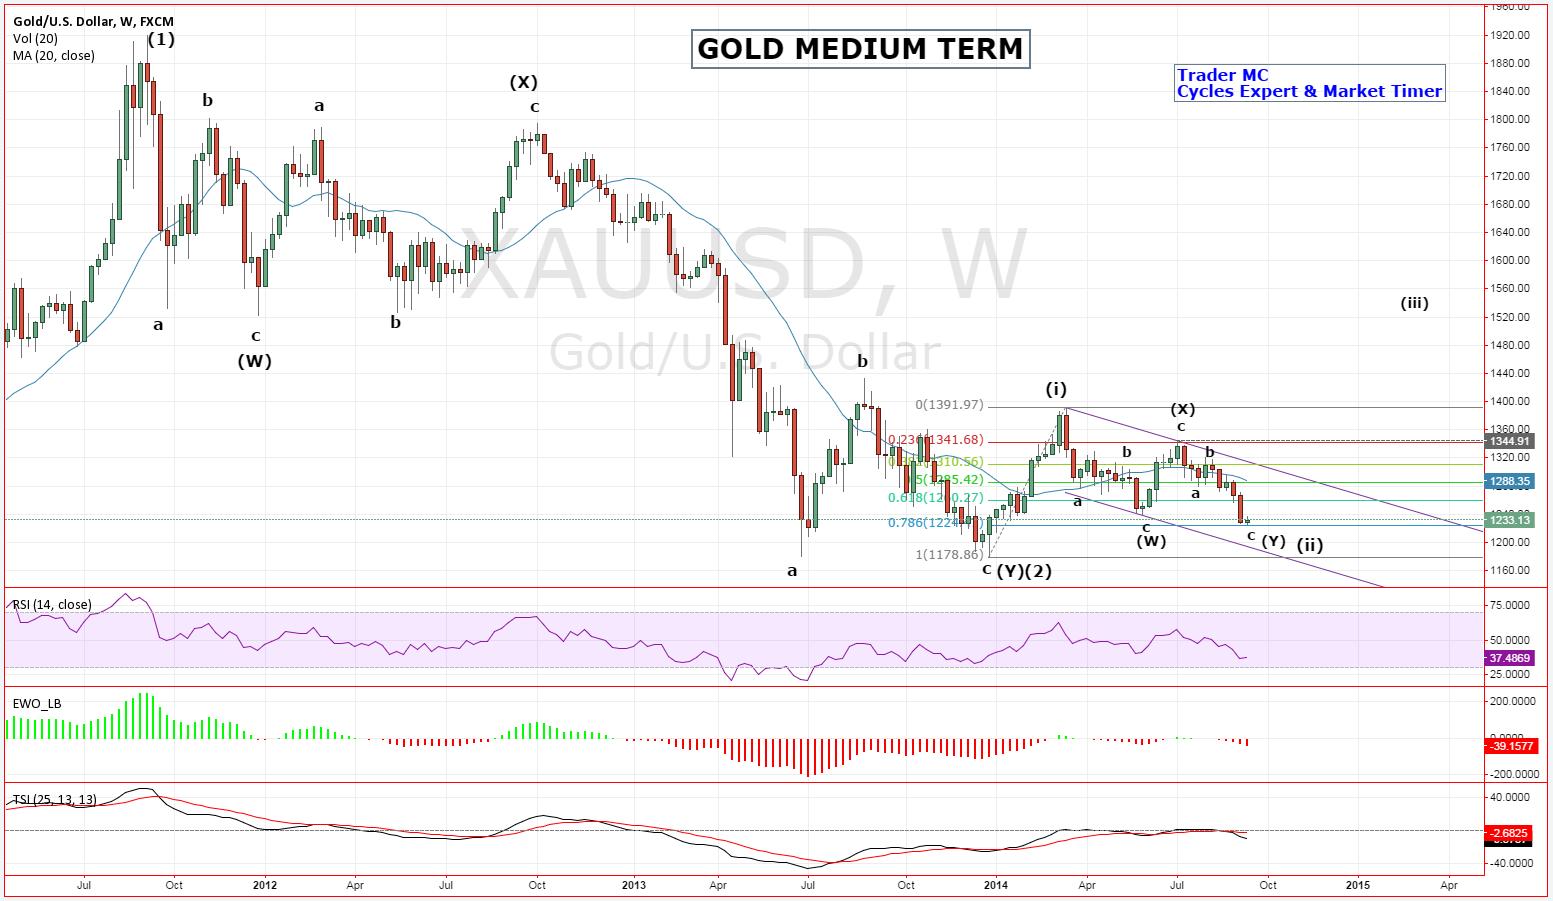 Gold: Medium-Term Outlook